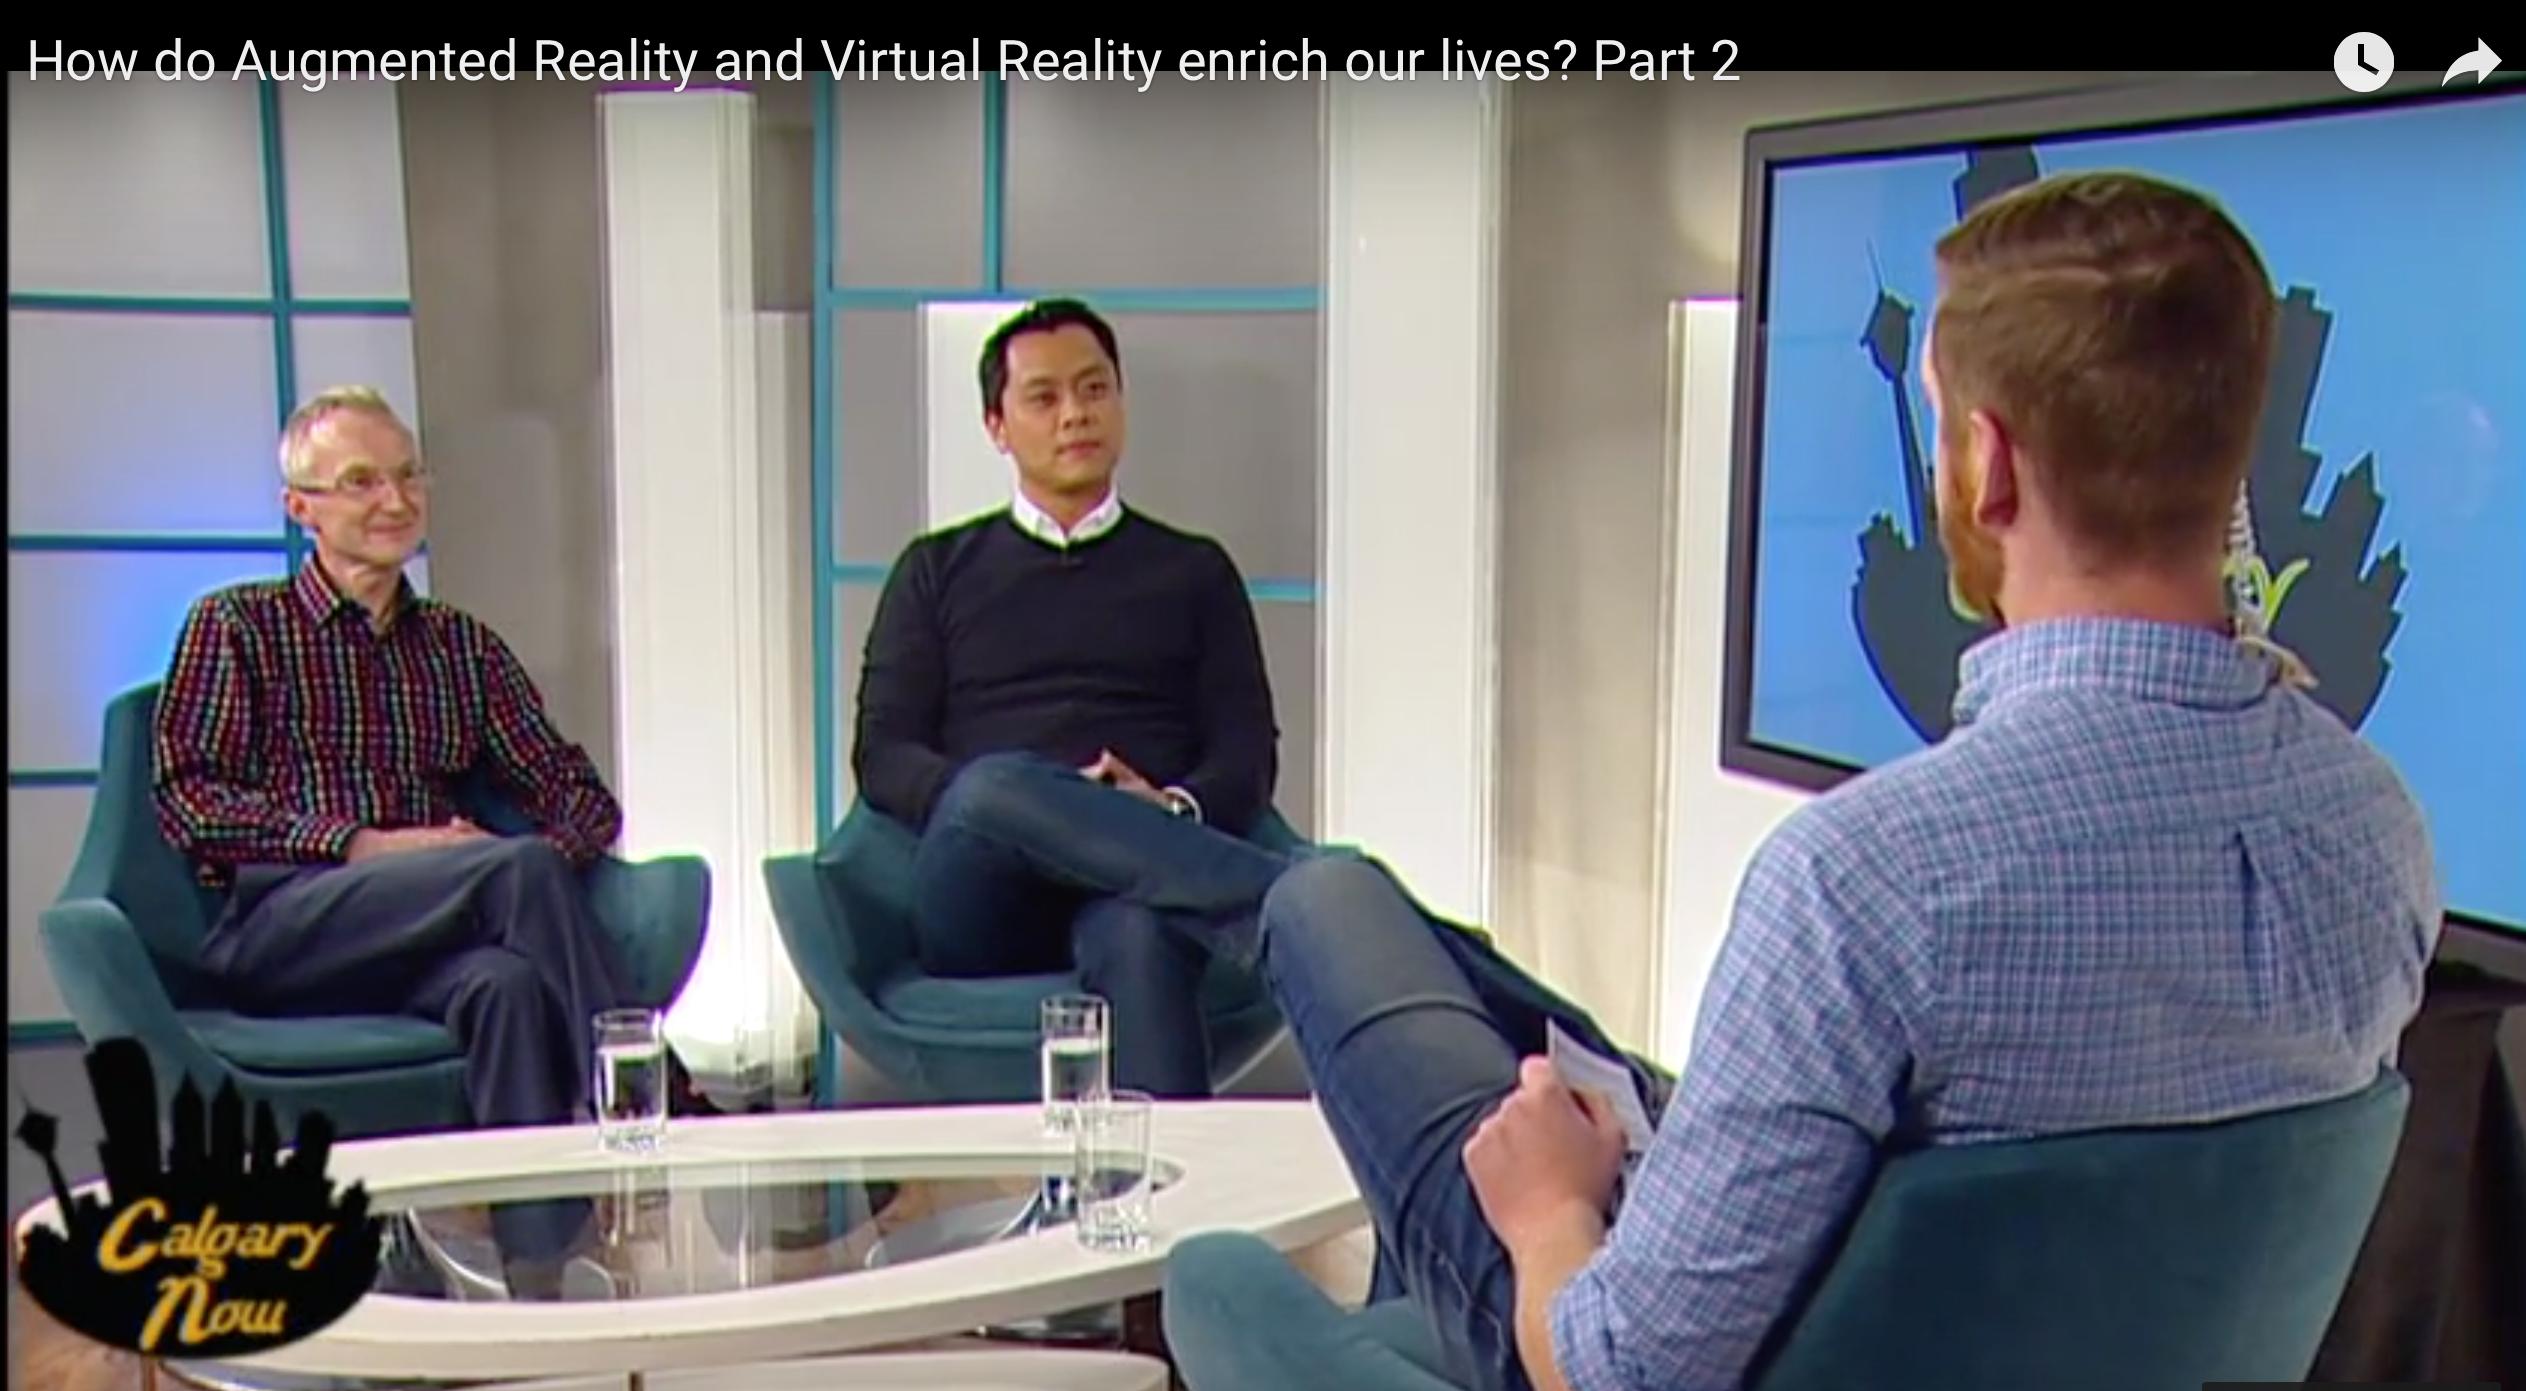 LINDSAY Virtual Human